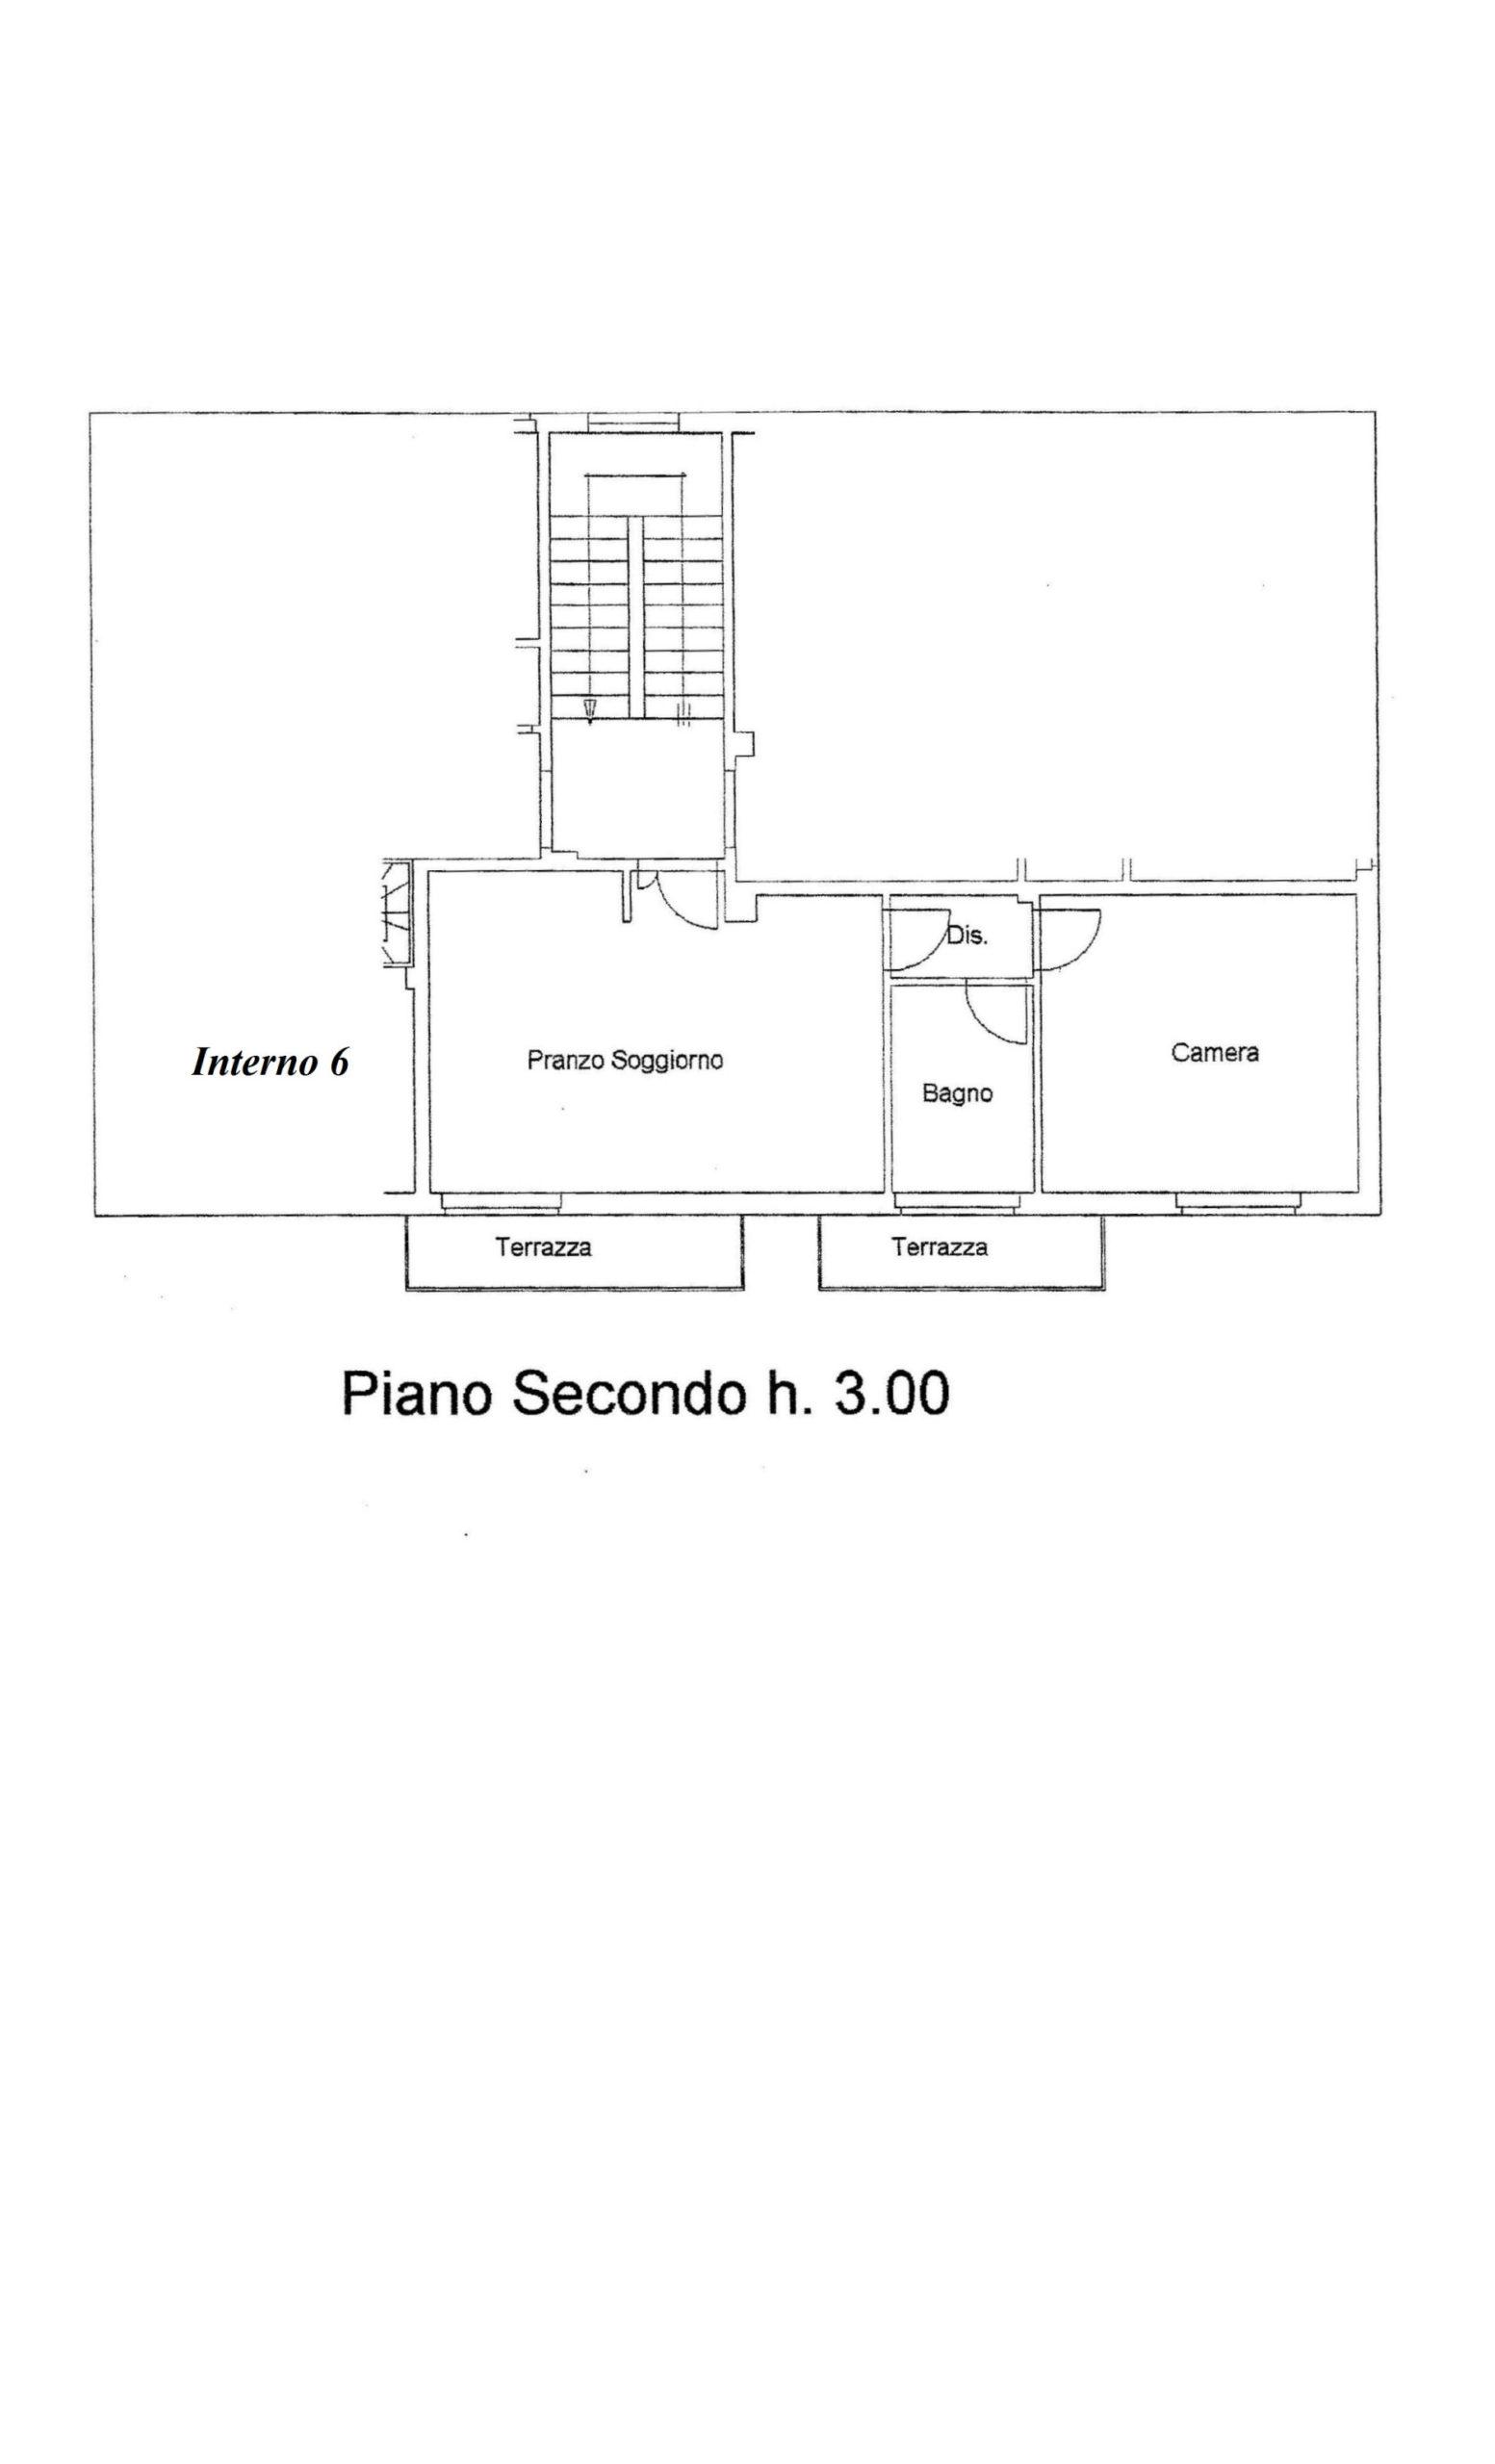 Piano Secondo centrale 331002